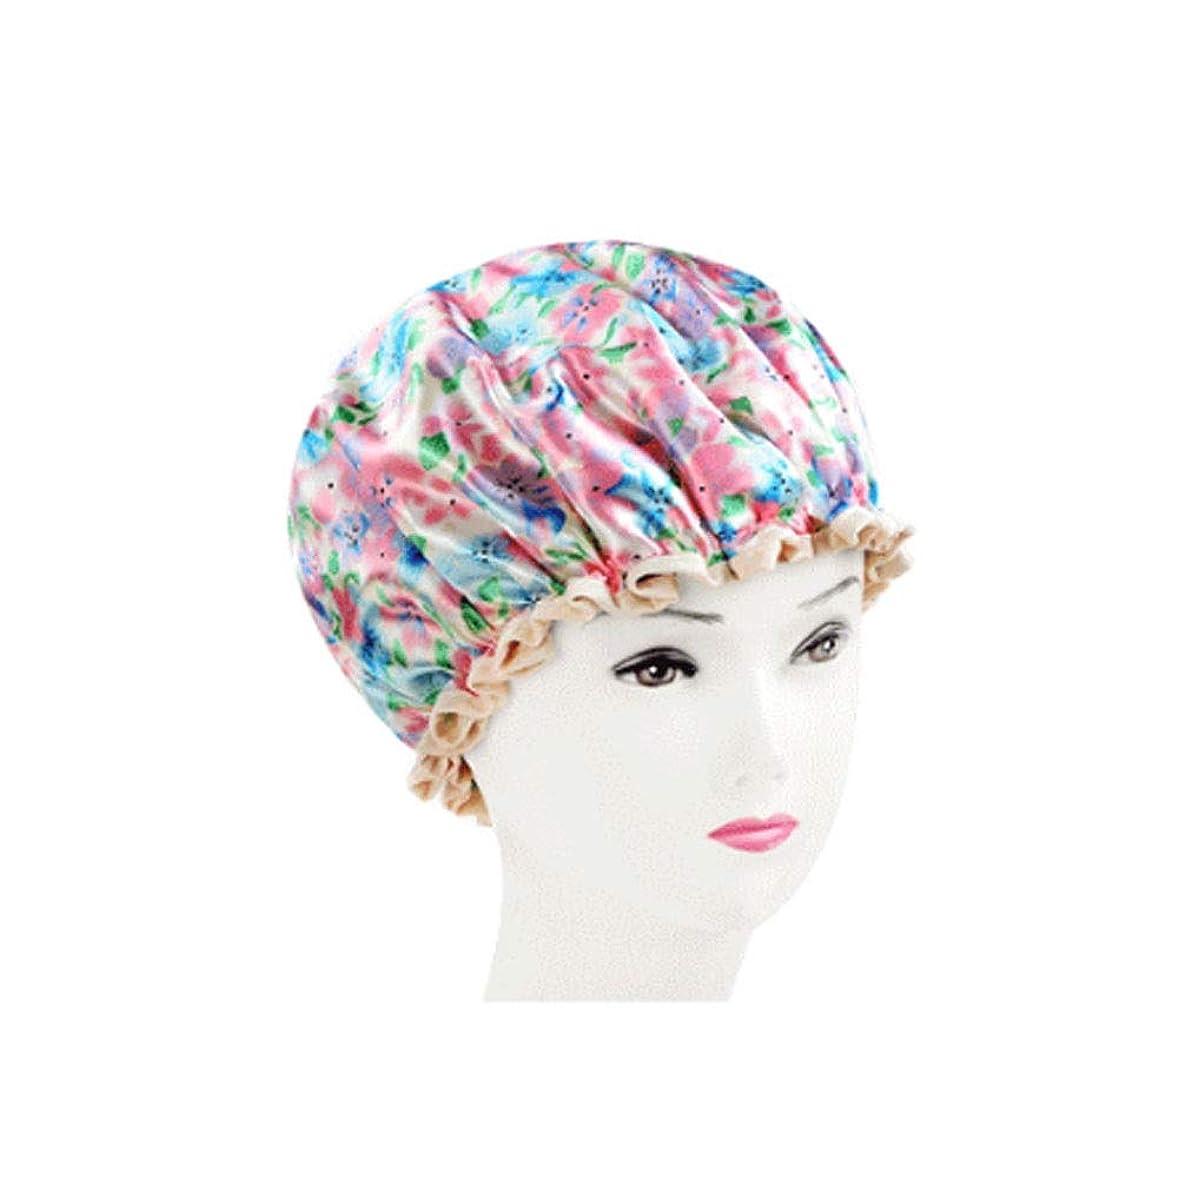 欲しいです業界複製するシャワーキャップ、レディースシャワーキャップレディース用のすべての髪の長さと太さのデラックスシャワーキャップ - 防水とカビ防止、再利用可能なシャワーキャップ。 (Color : Pink)